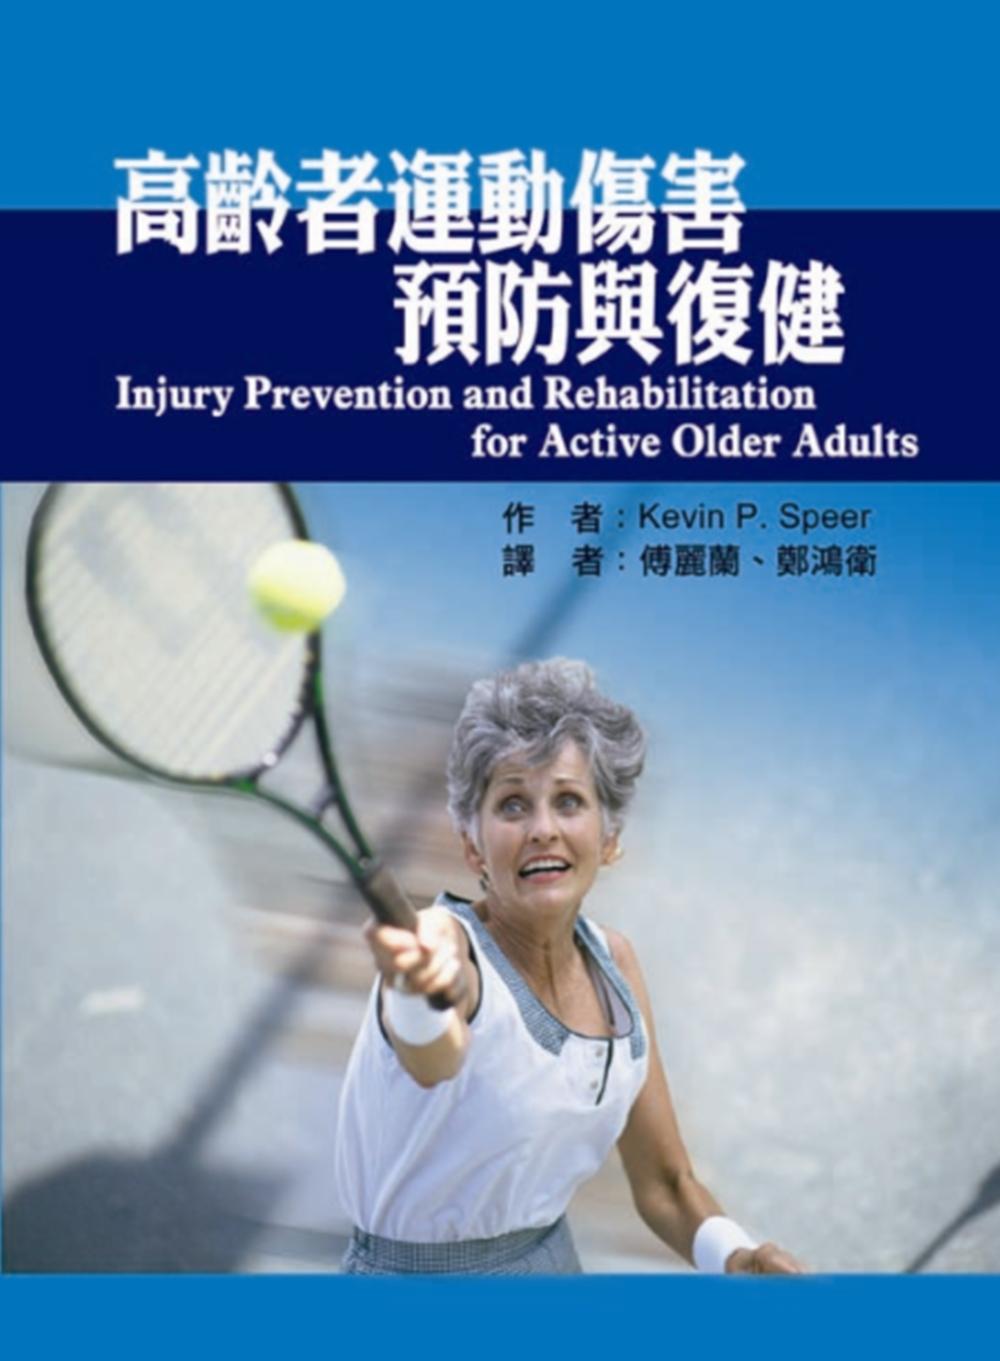 高齡者運動傷害預防與復健